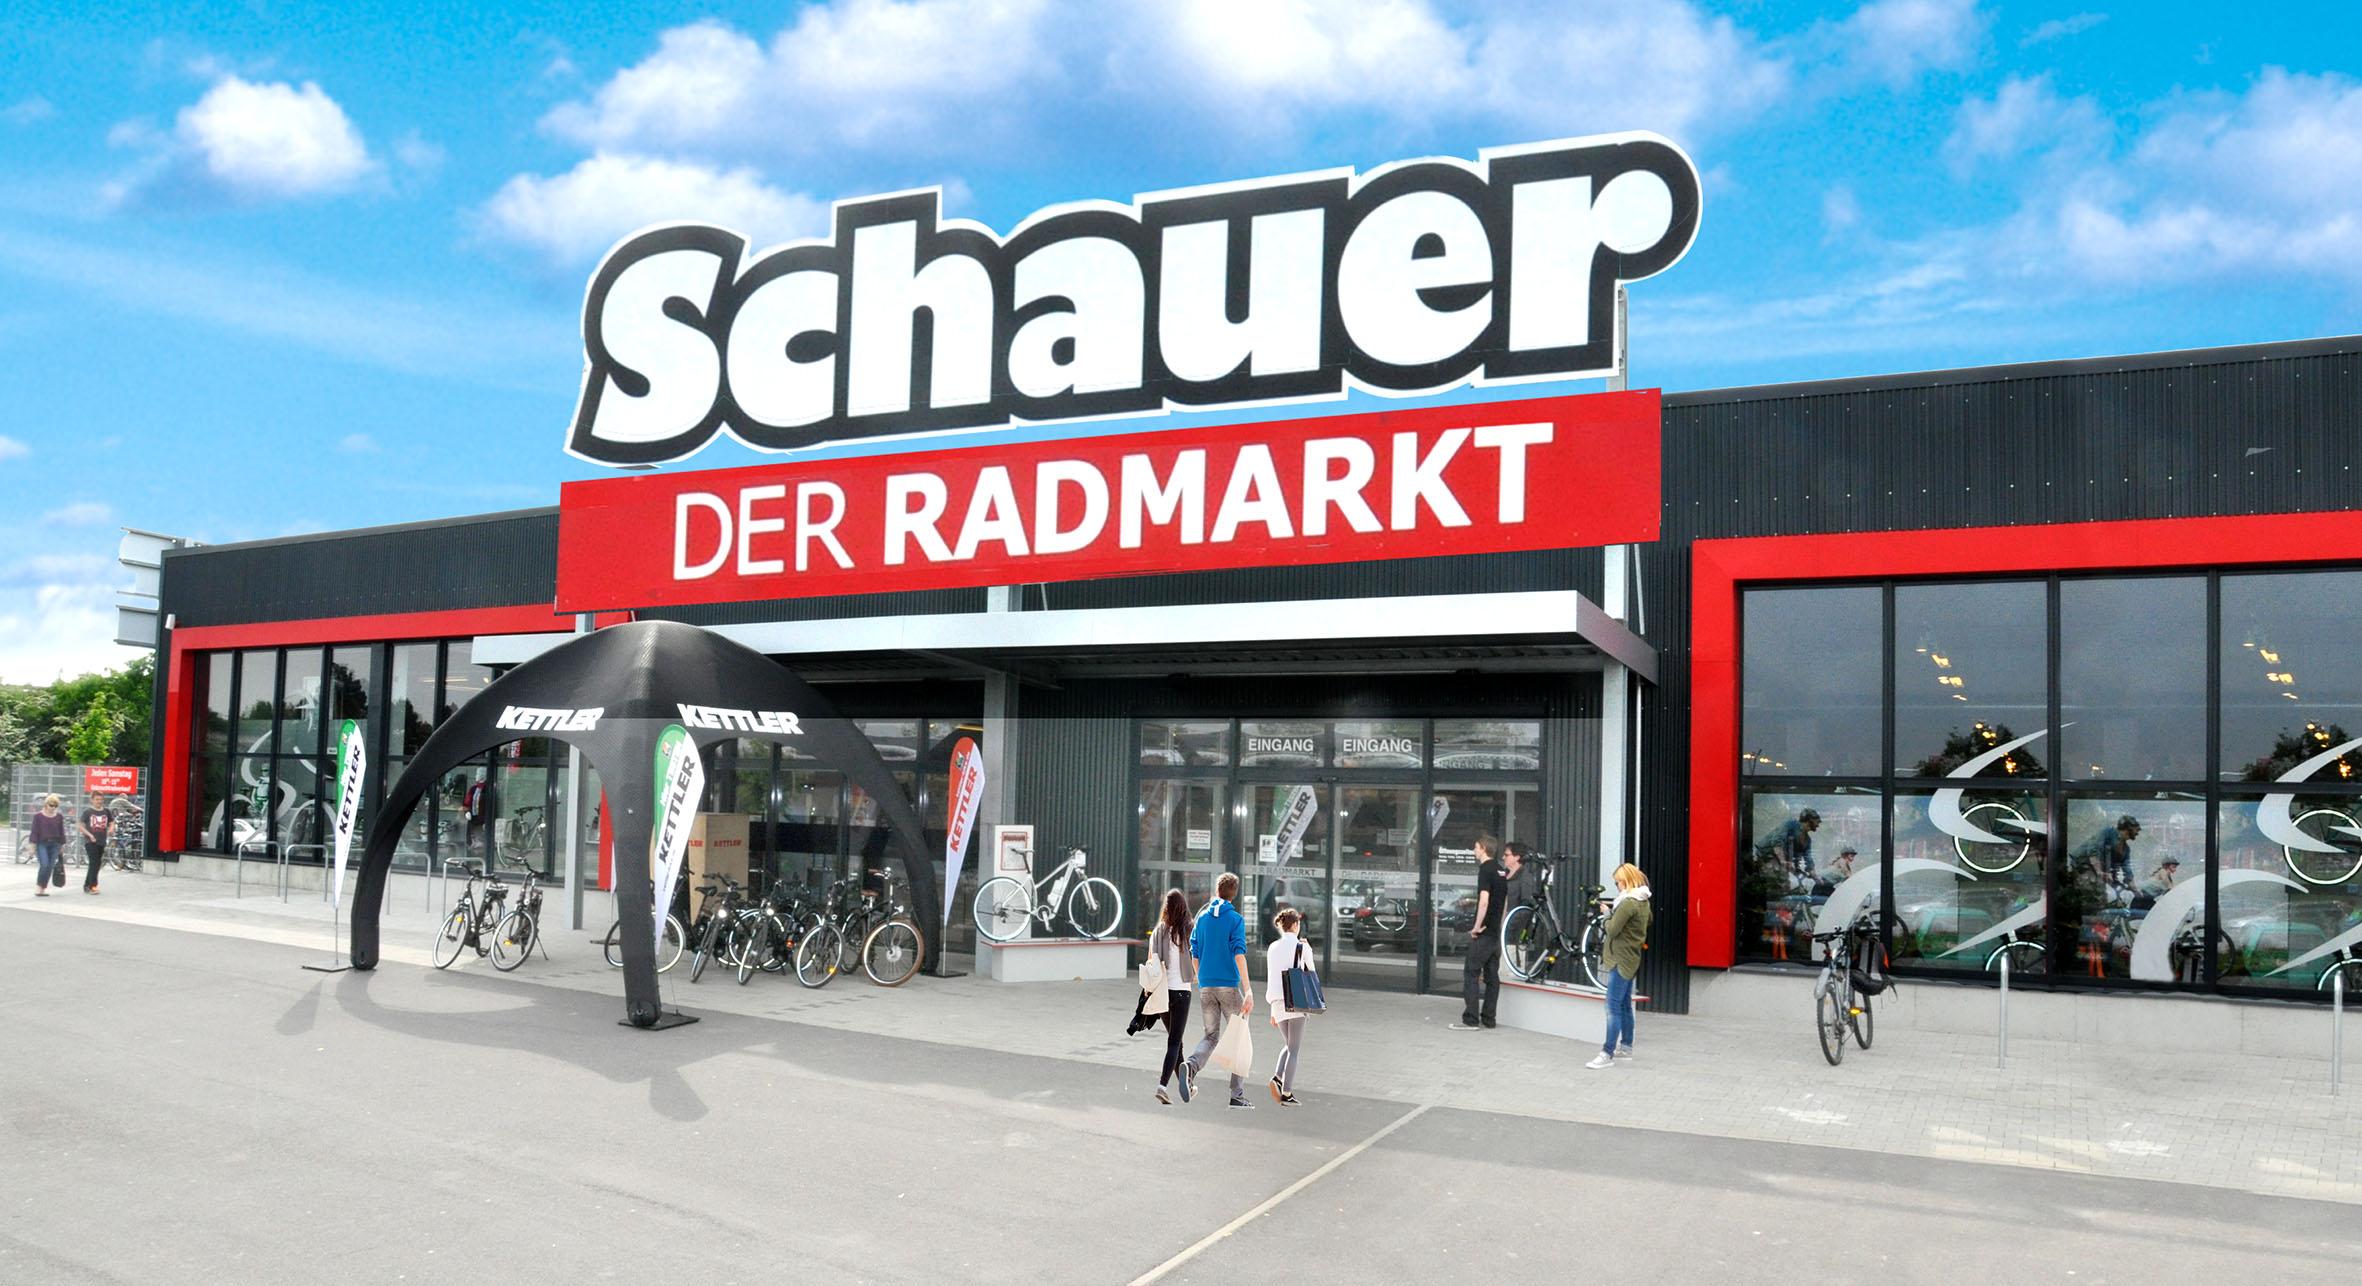 Radmarkt Schauer in Schweinfurt